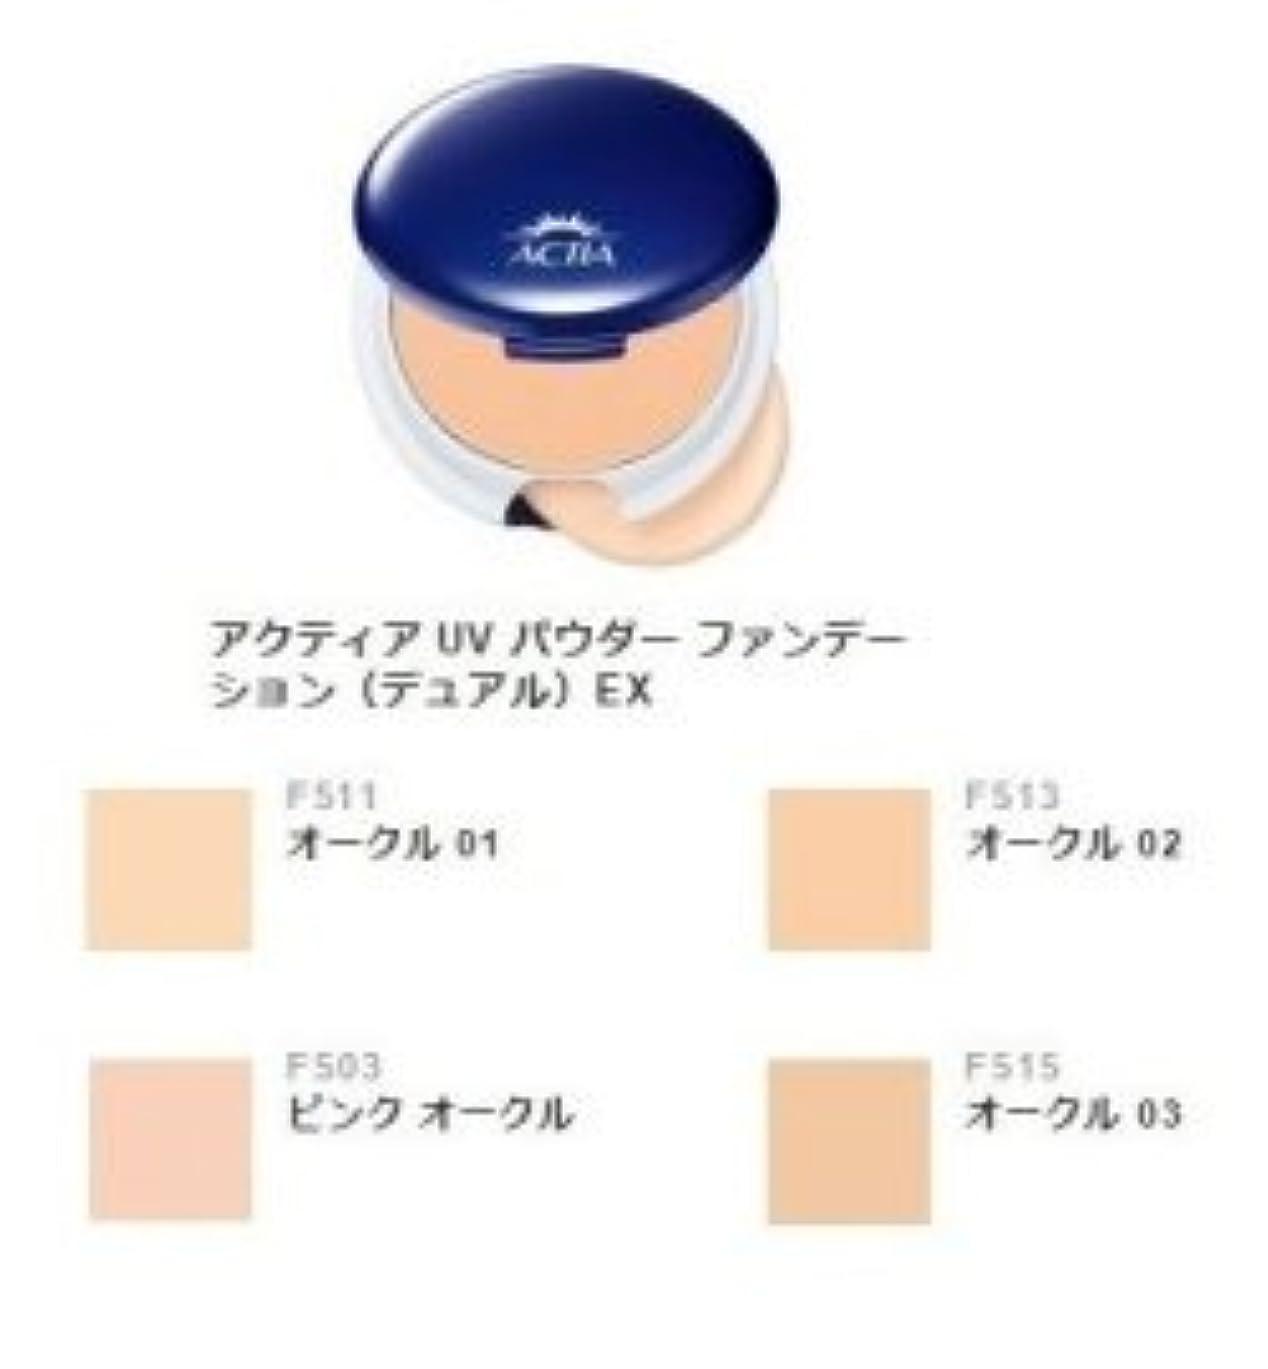 サルベージ行商人里離れたエイボン(AVON) アクティア UV パウダーファンデーション(デュアル)EX(リフィル) F513 オークル02